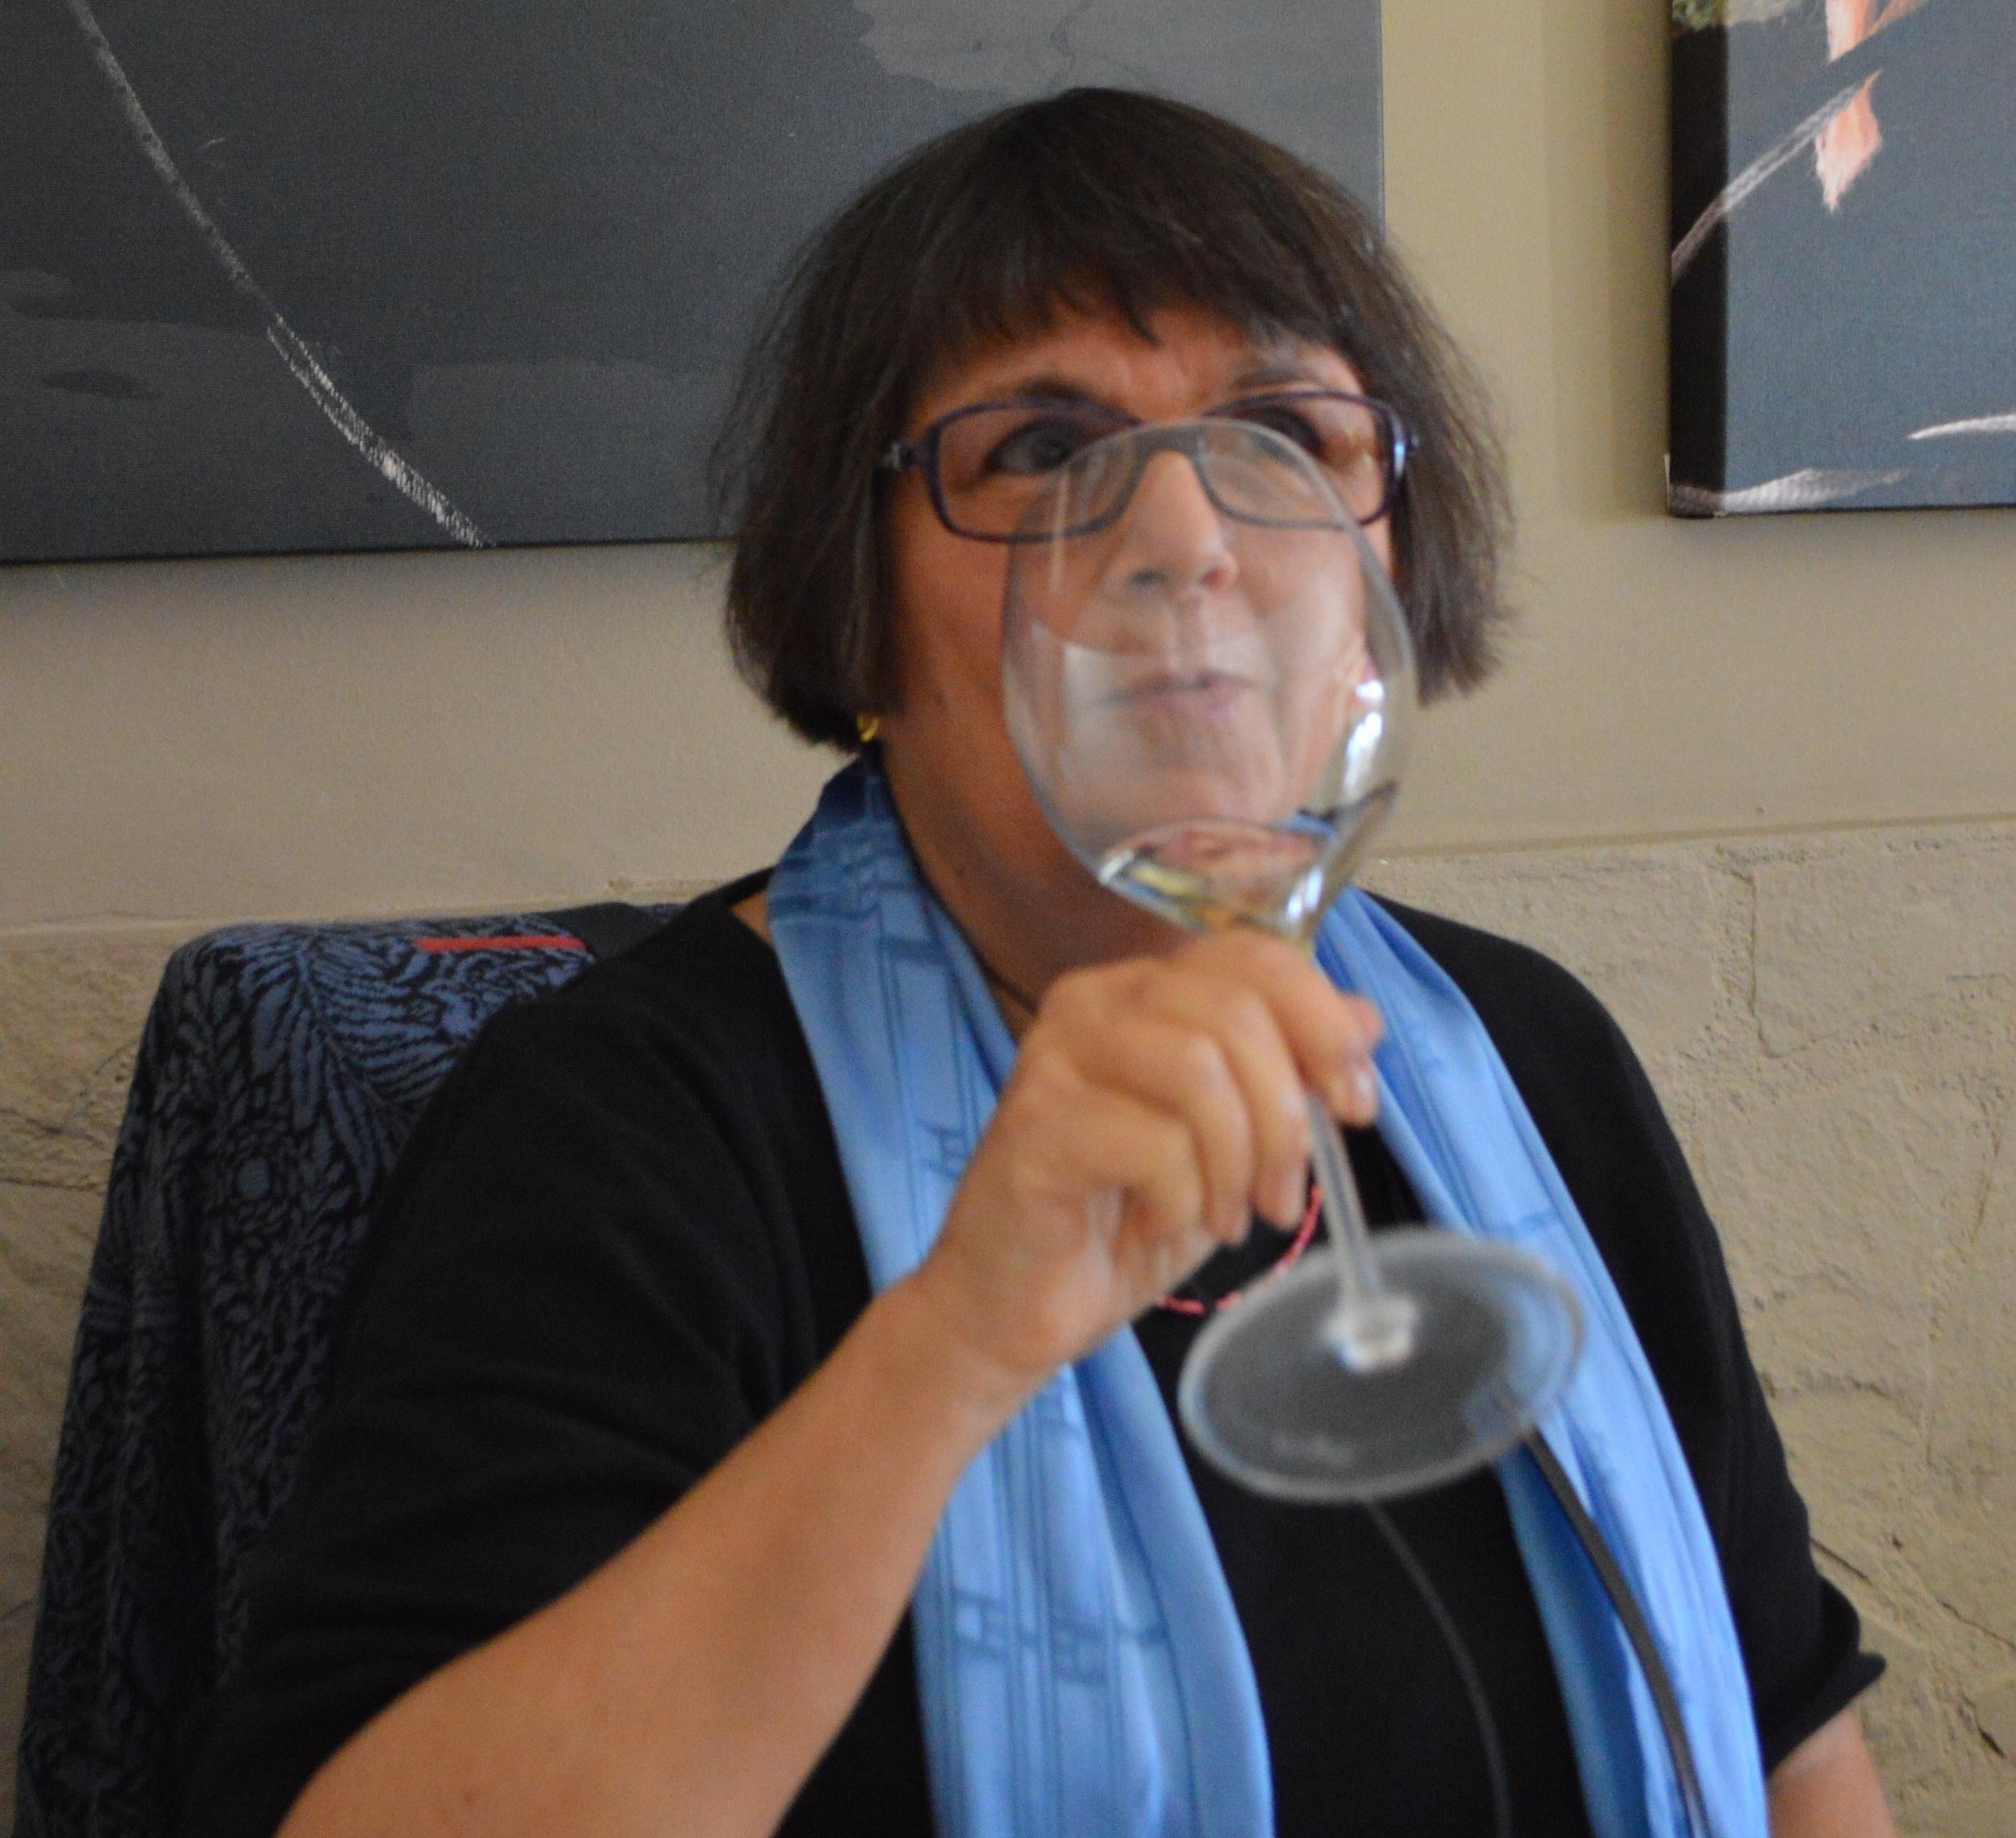 Maureen w wine Civitavecchia.JPG